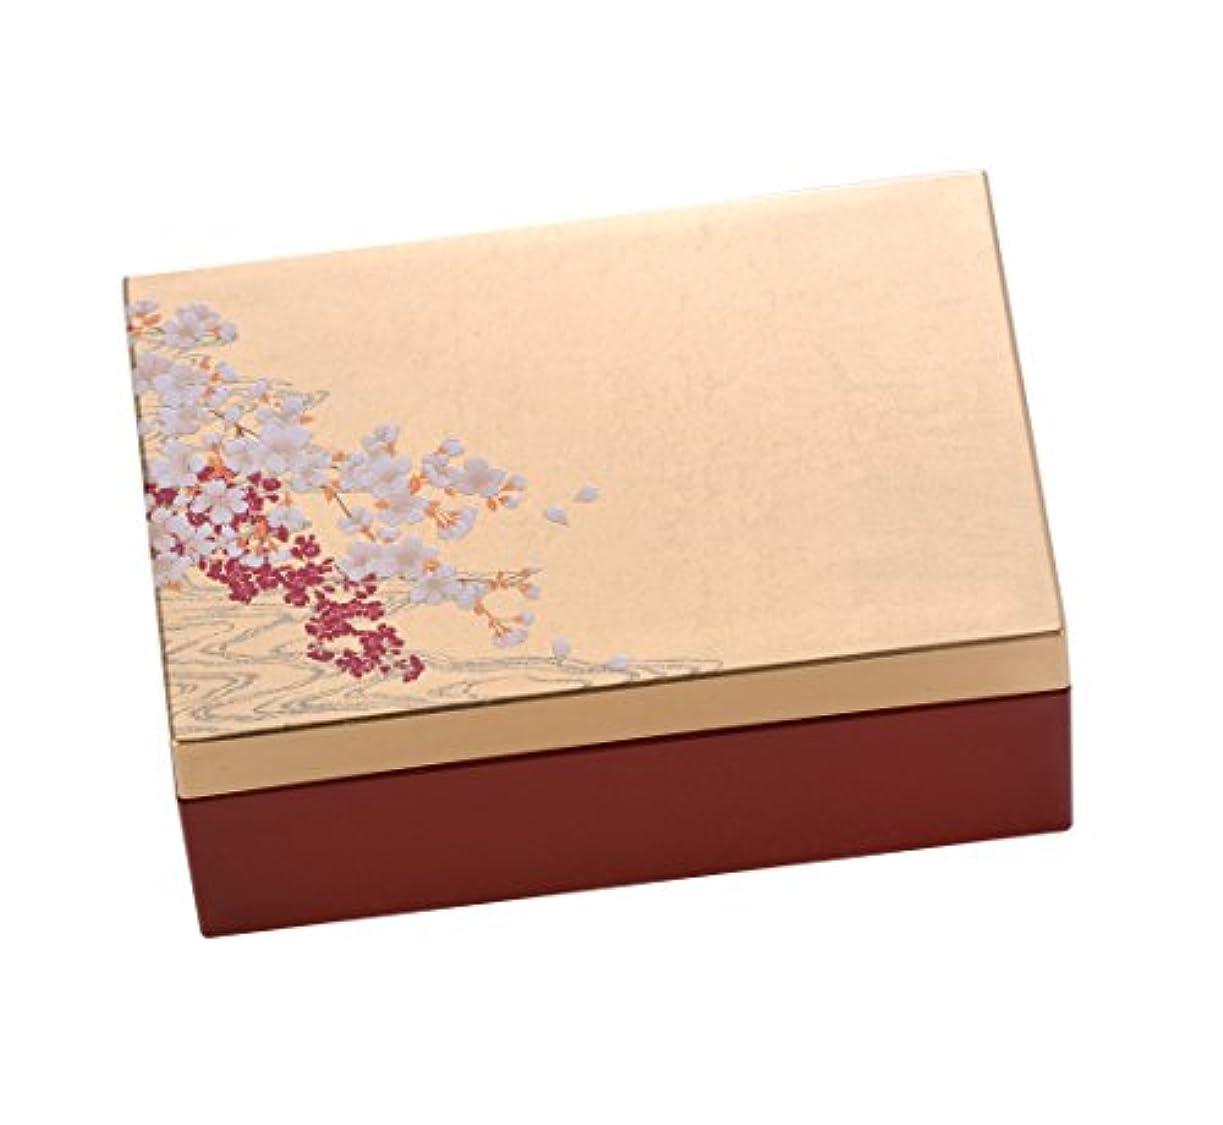 小売悲惨な四回箔一 ジュエリー収納 ゴールド 135×90×55mm 桜に流水 箔アクセサリーBOX S A182-04012